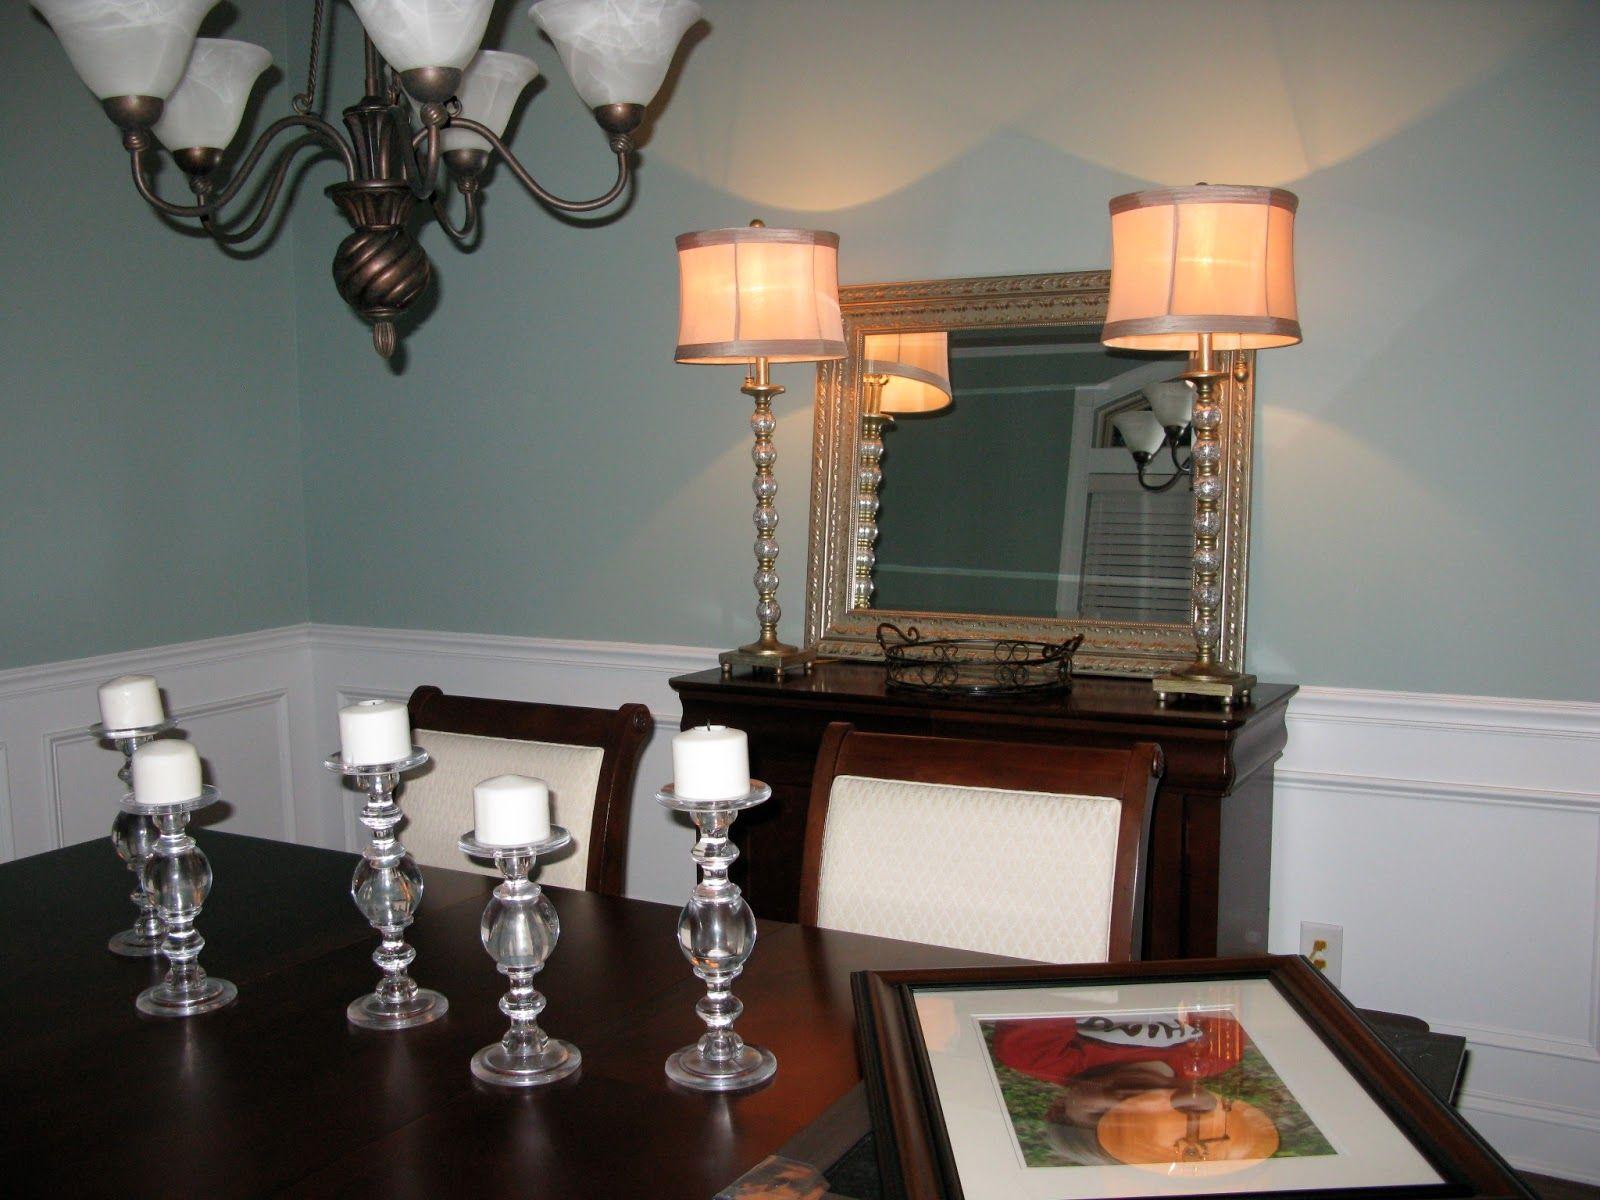 Antike Tischlampen Weisse Stehlampe Papier Stehleuchte Akku Buffet